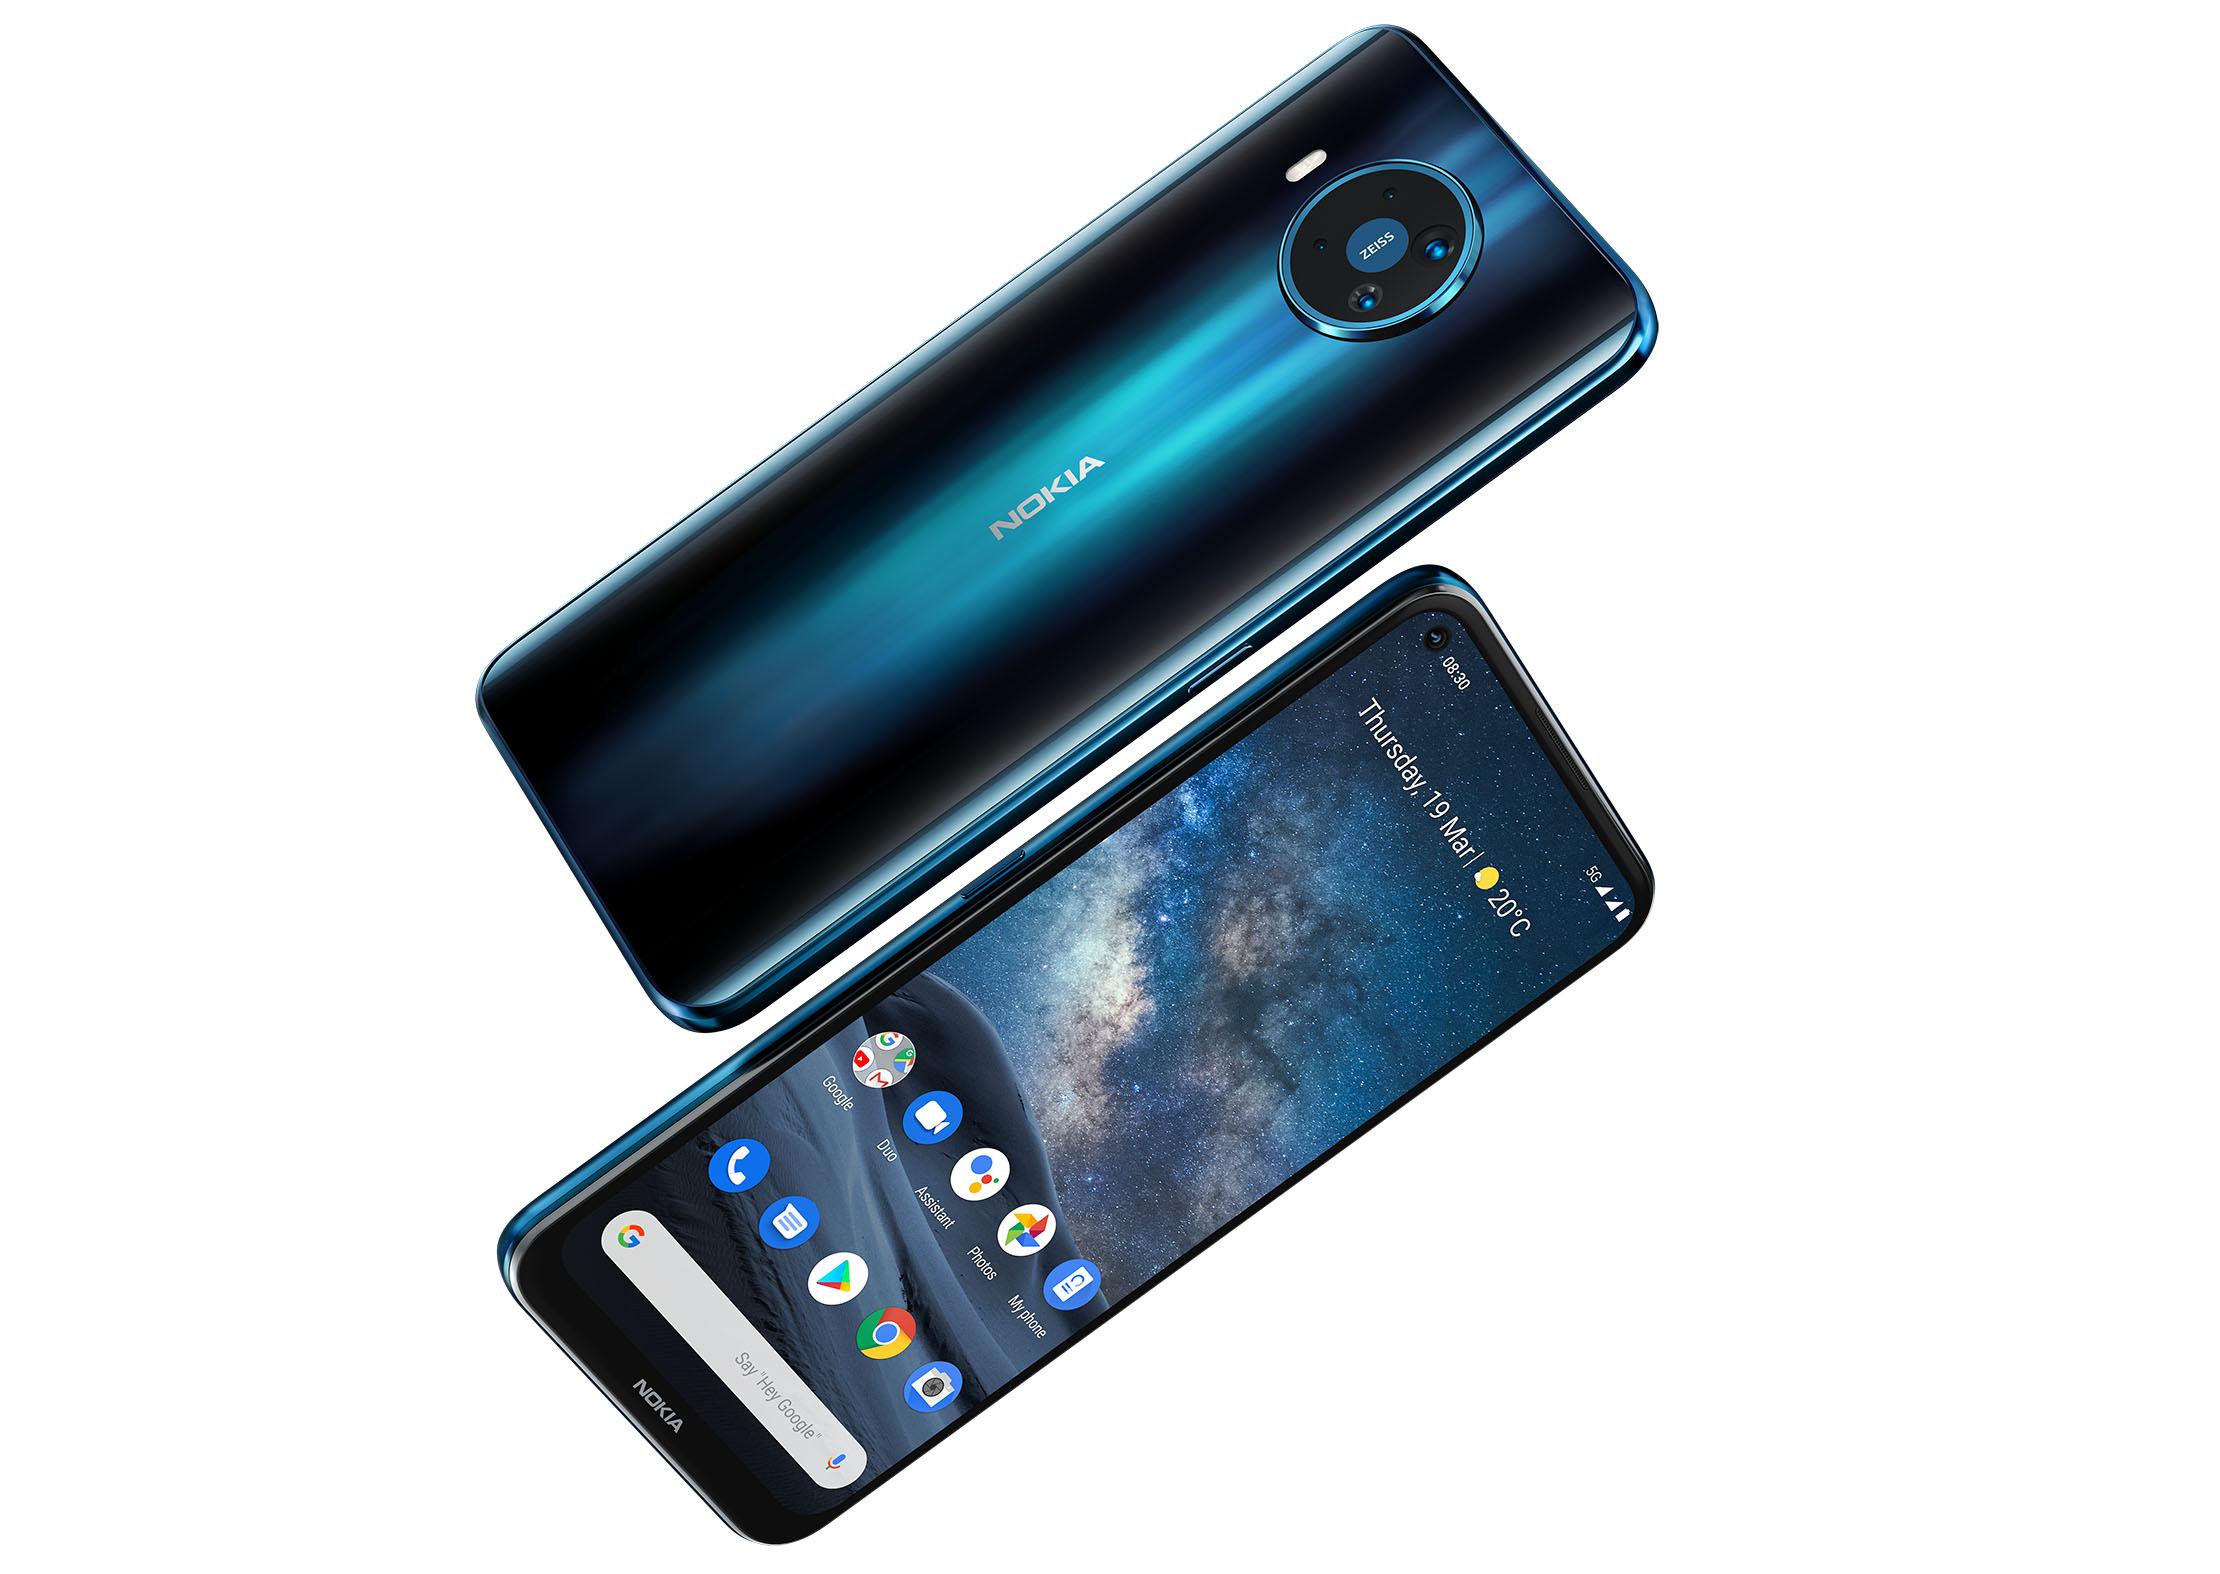 Обзор смартфона Nokia 8.3 с основными характеристиками